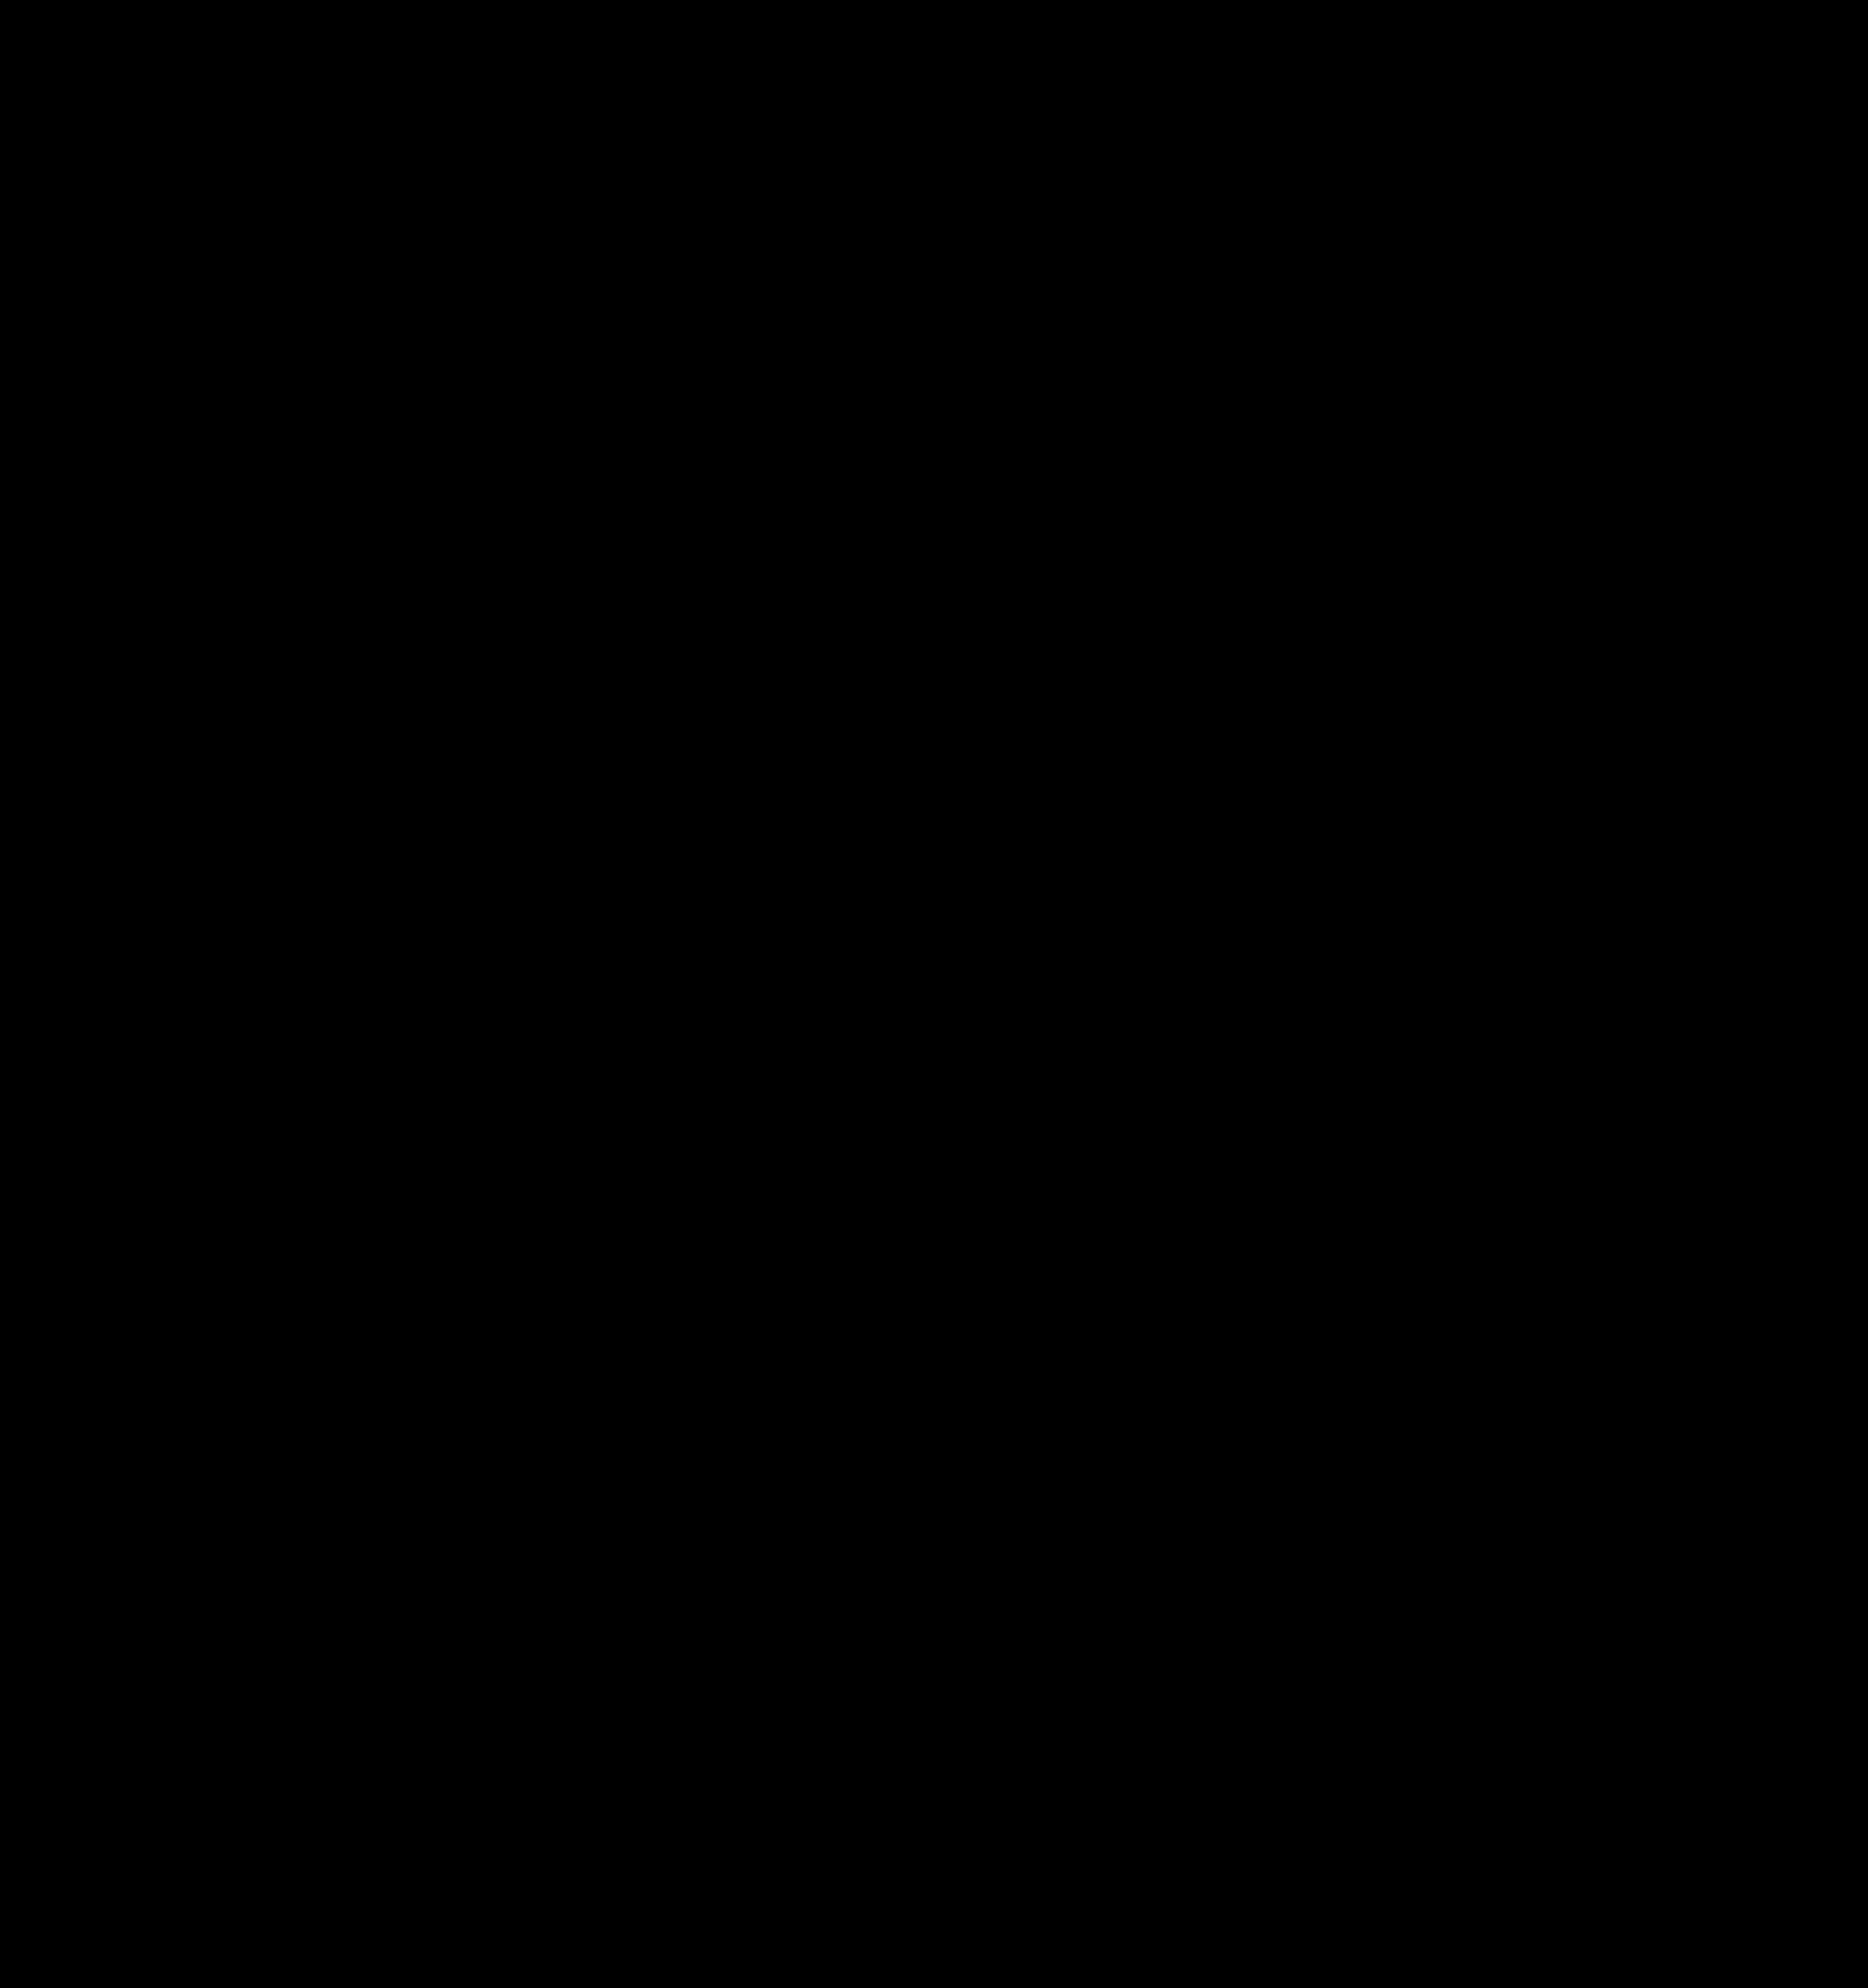 Male clipart svg. Gender symbol public toilet